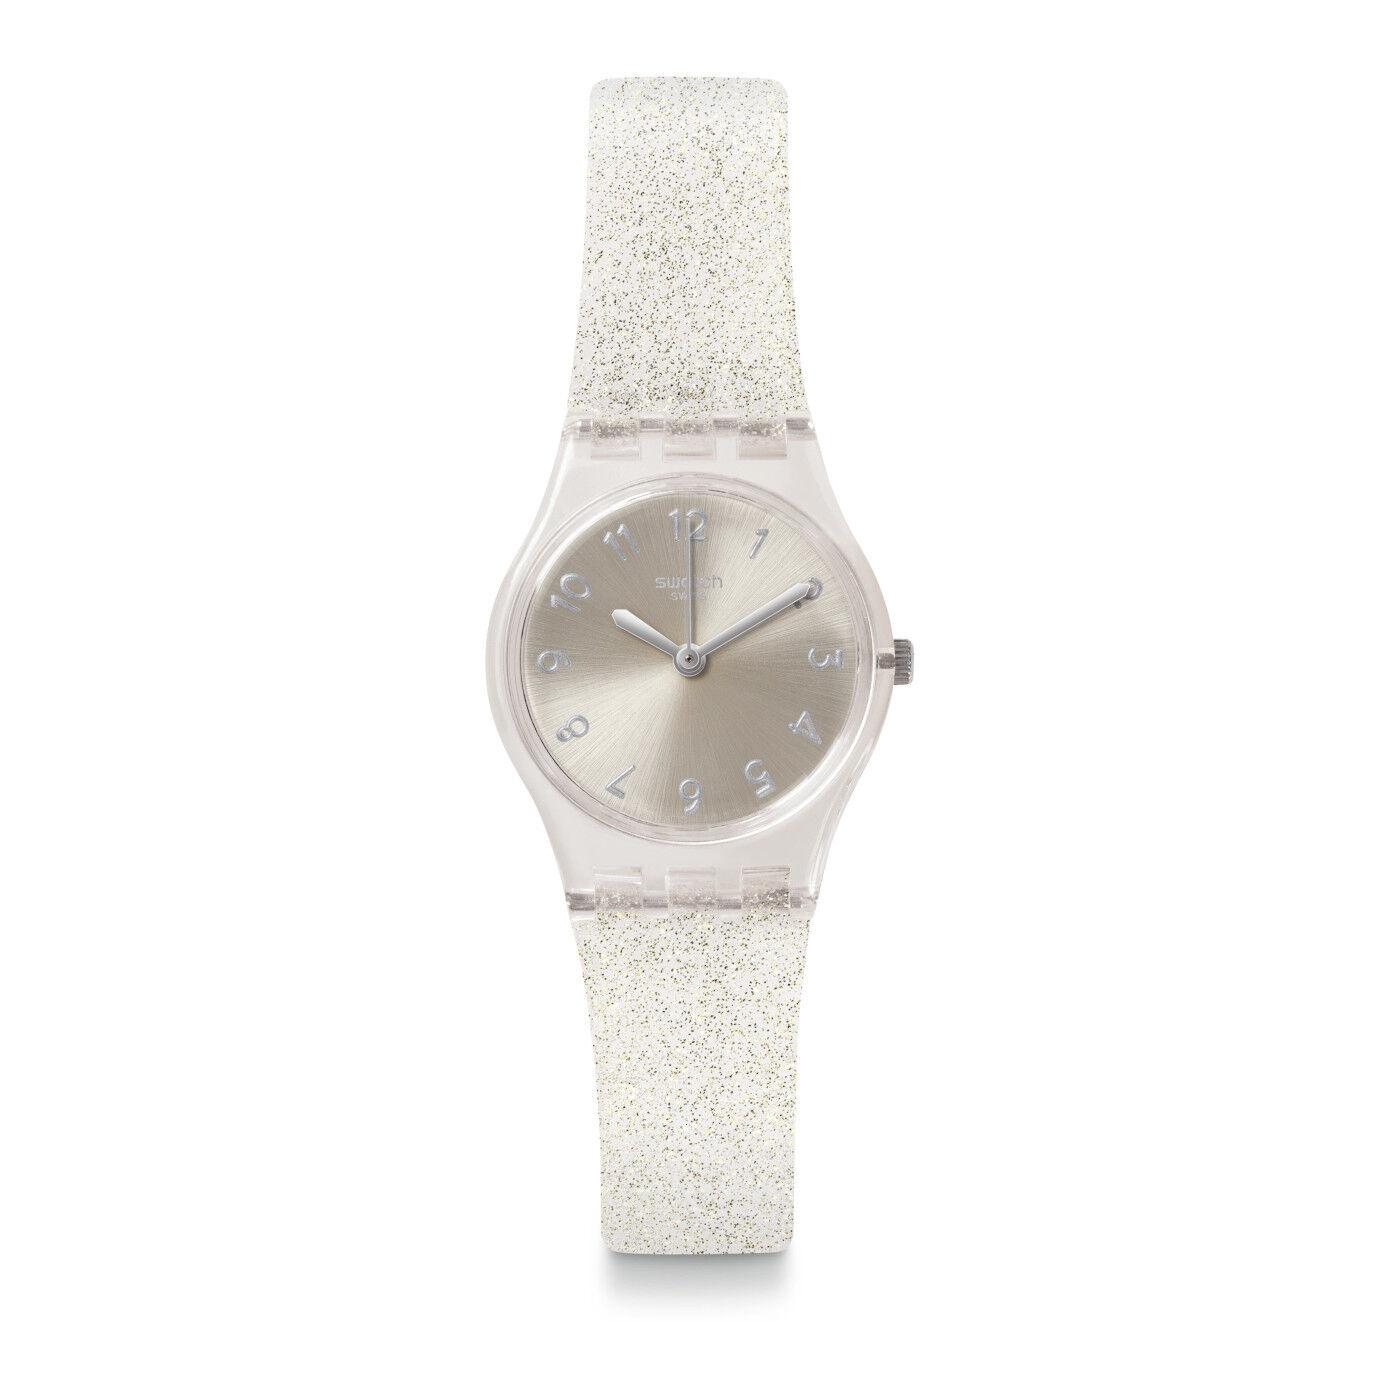 Swatch Originals montre LK343E